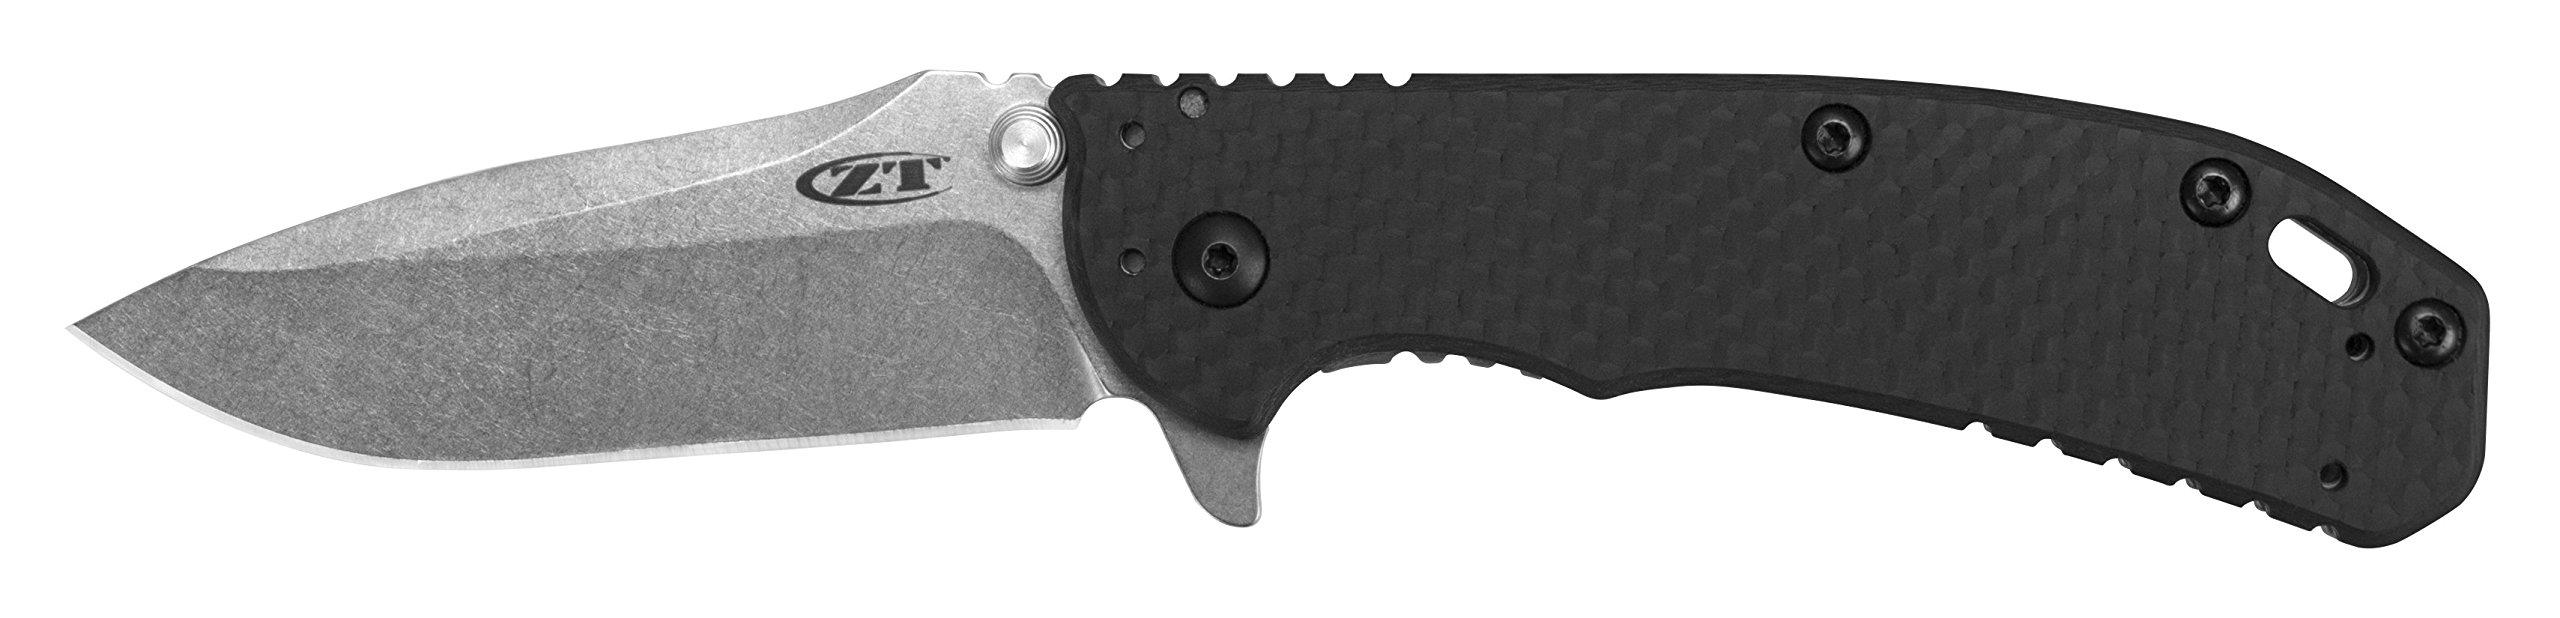 """Zero Tolerance Hinderer Carbon Fiber Folder (0566CF); 3.25"""" Stonewashed S35VN Steel Blade; Carbon Fiber Front, Steel Back Handle Scales; SpeedSafe Opening, Frame Lock, Quad-Mount Pocketclip; 5.3 OZ by Zero Tolerance (Image #2)"""